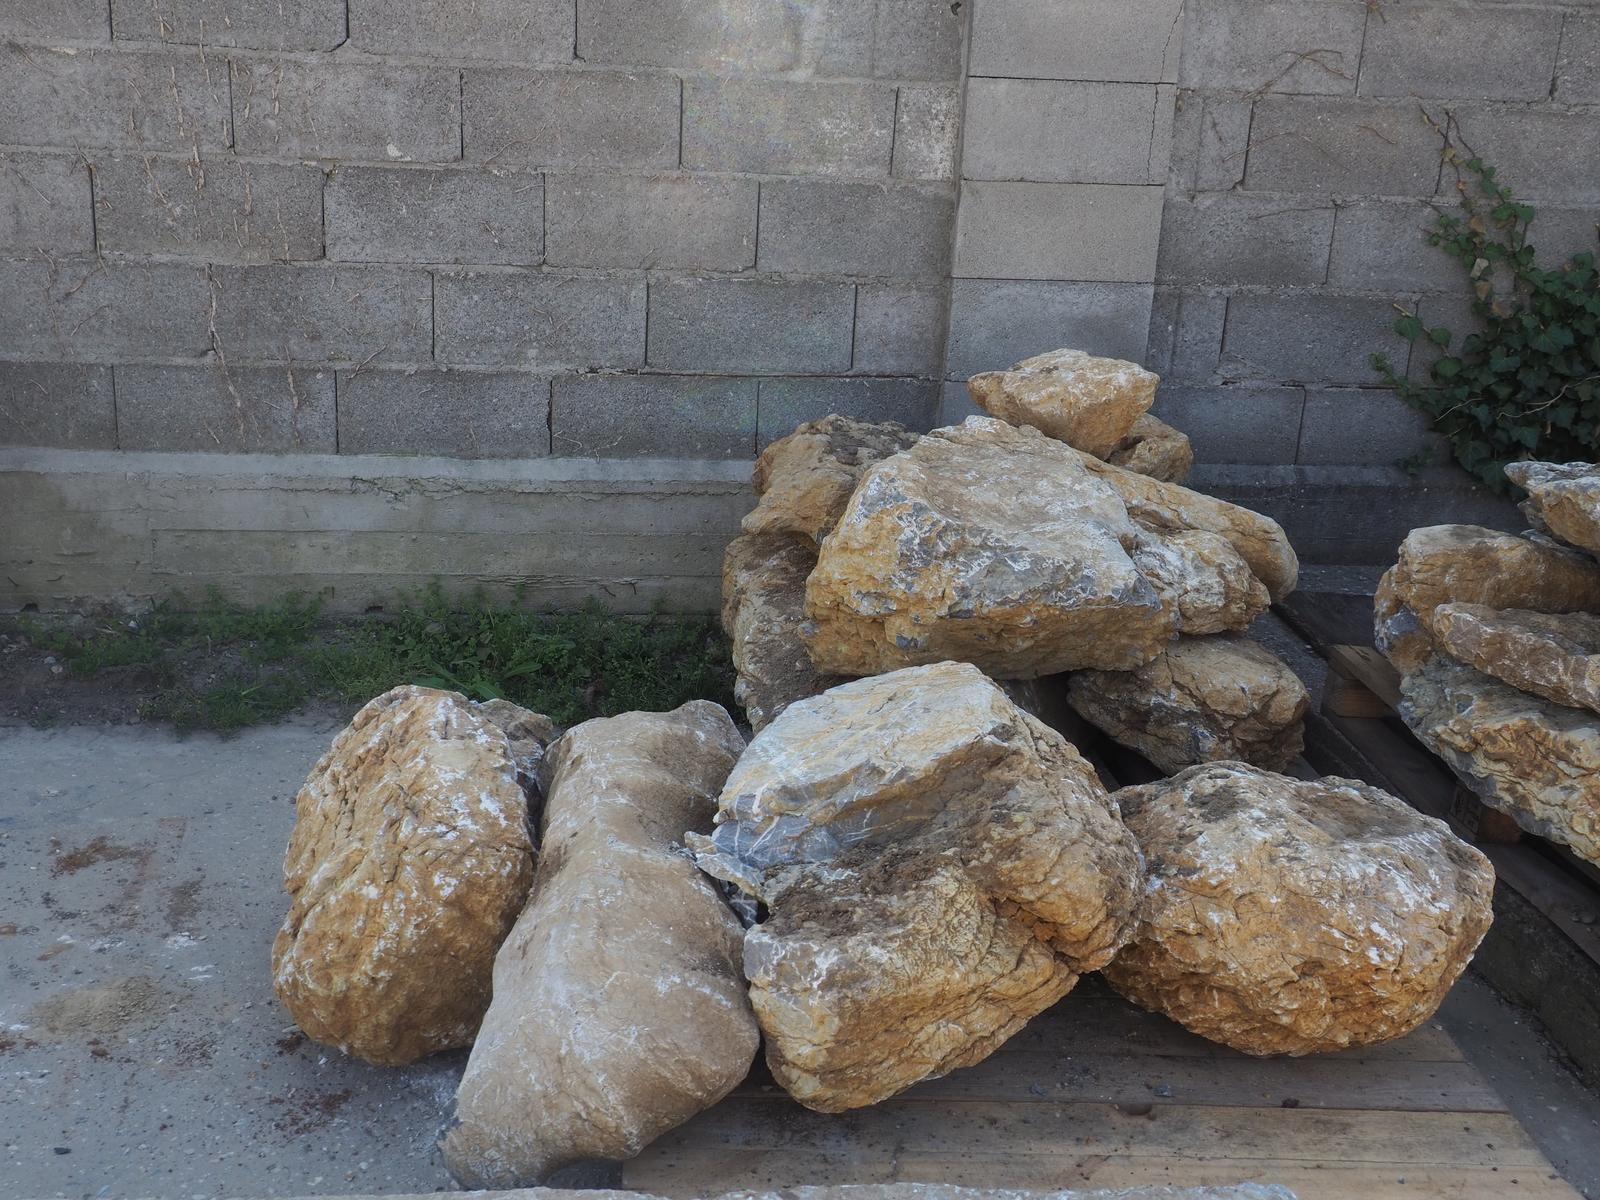 kamene - Obrázok č. 1